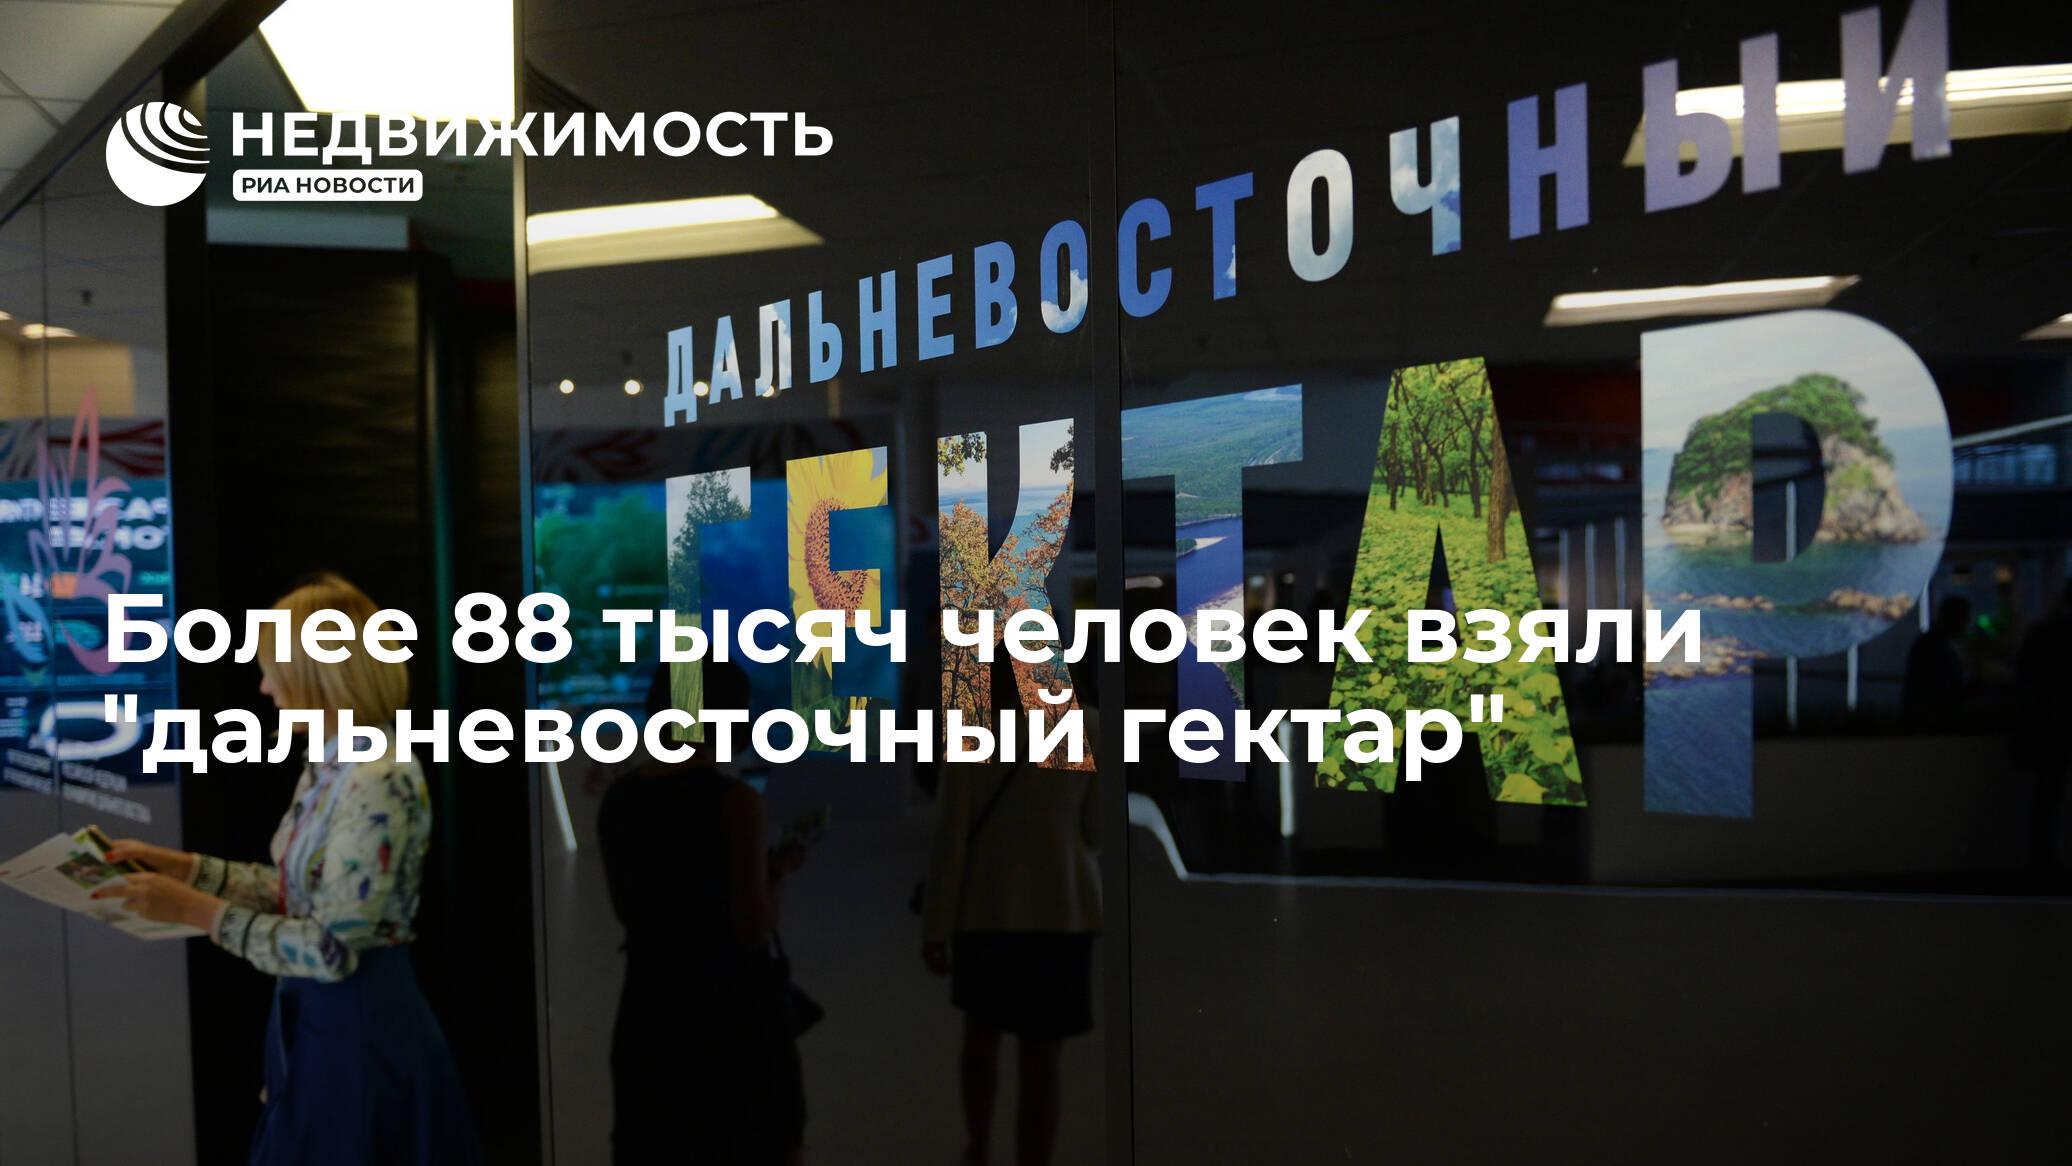 https://realty.ria.ru/20210201/gektar-1595450092.html